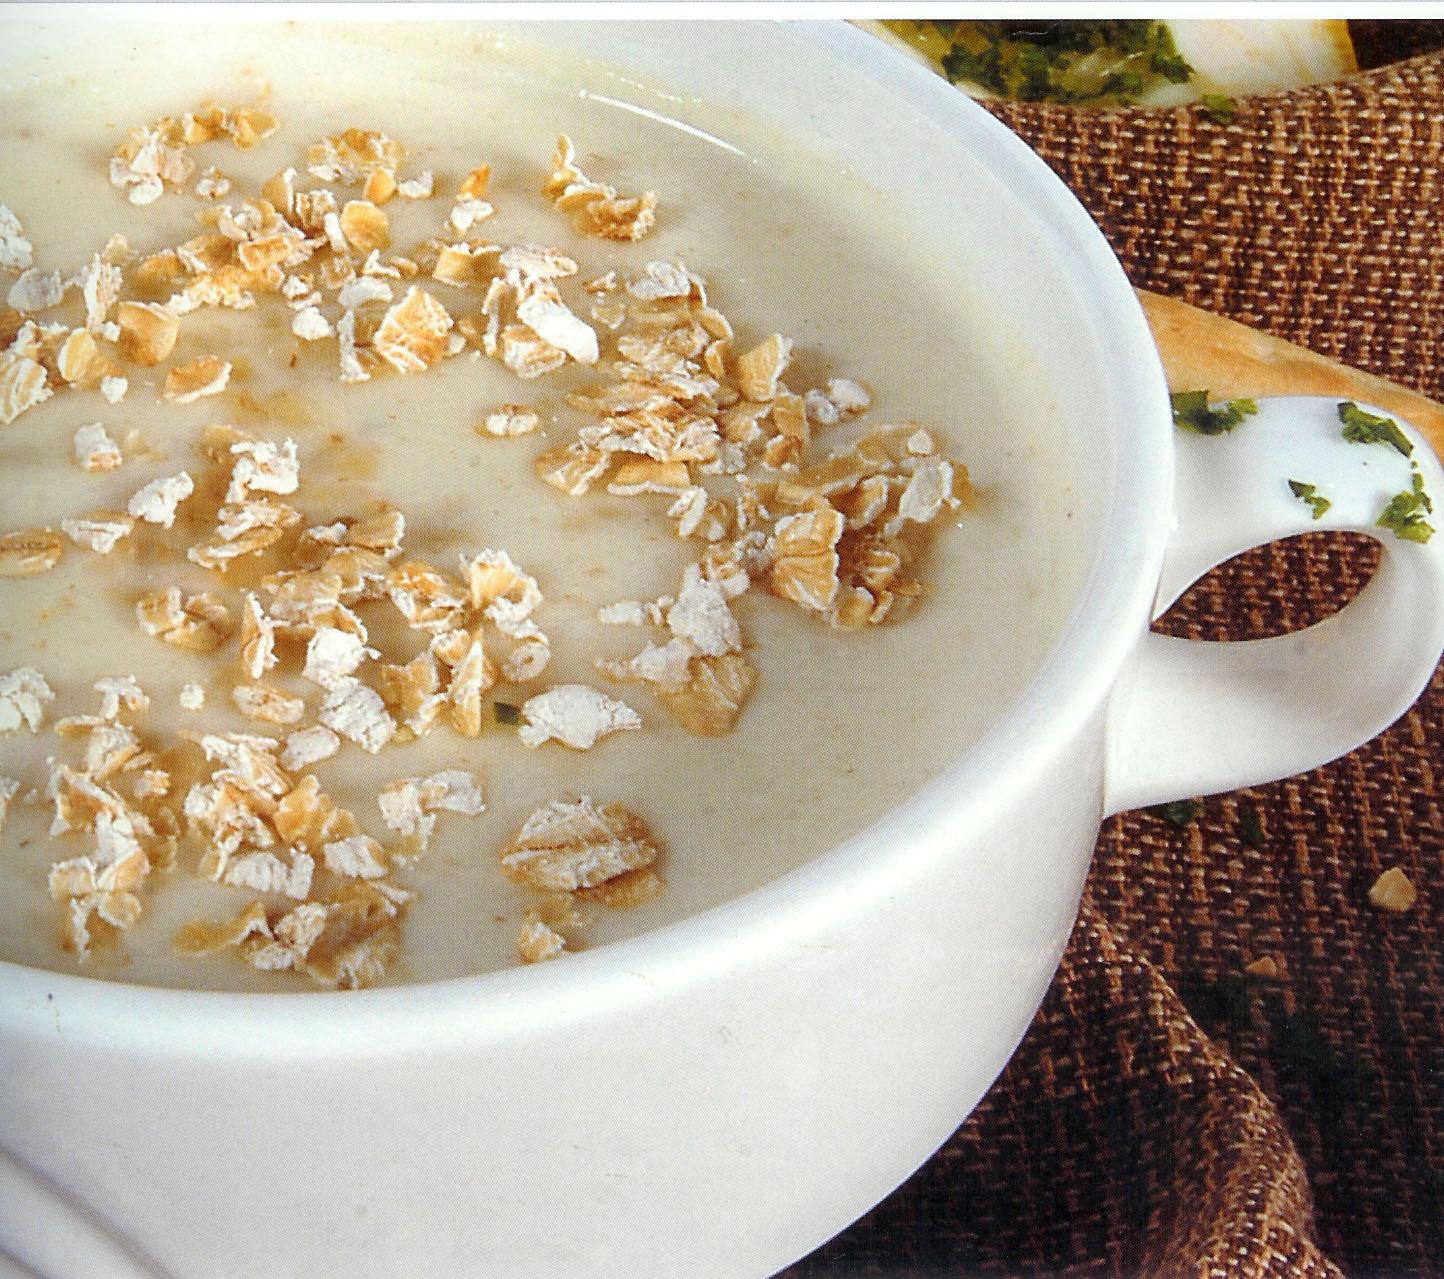 شوربة وحساء - شوربة الشوفان - طريقة عمل شوربة الشوفان - طريقة شوربة الشوفان